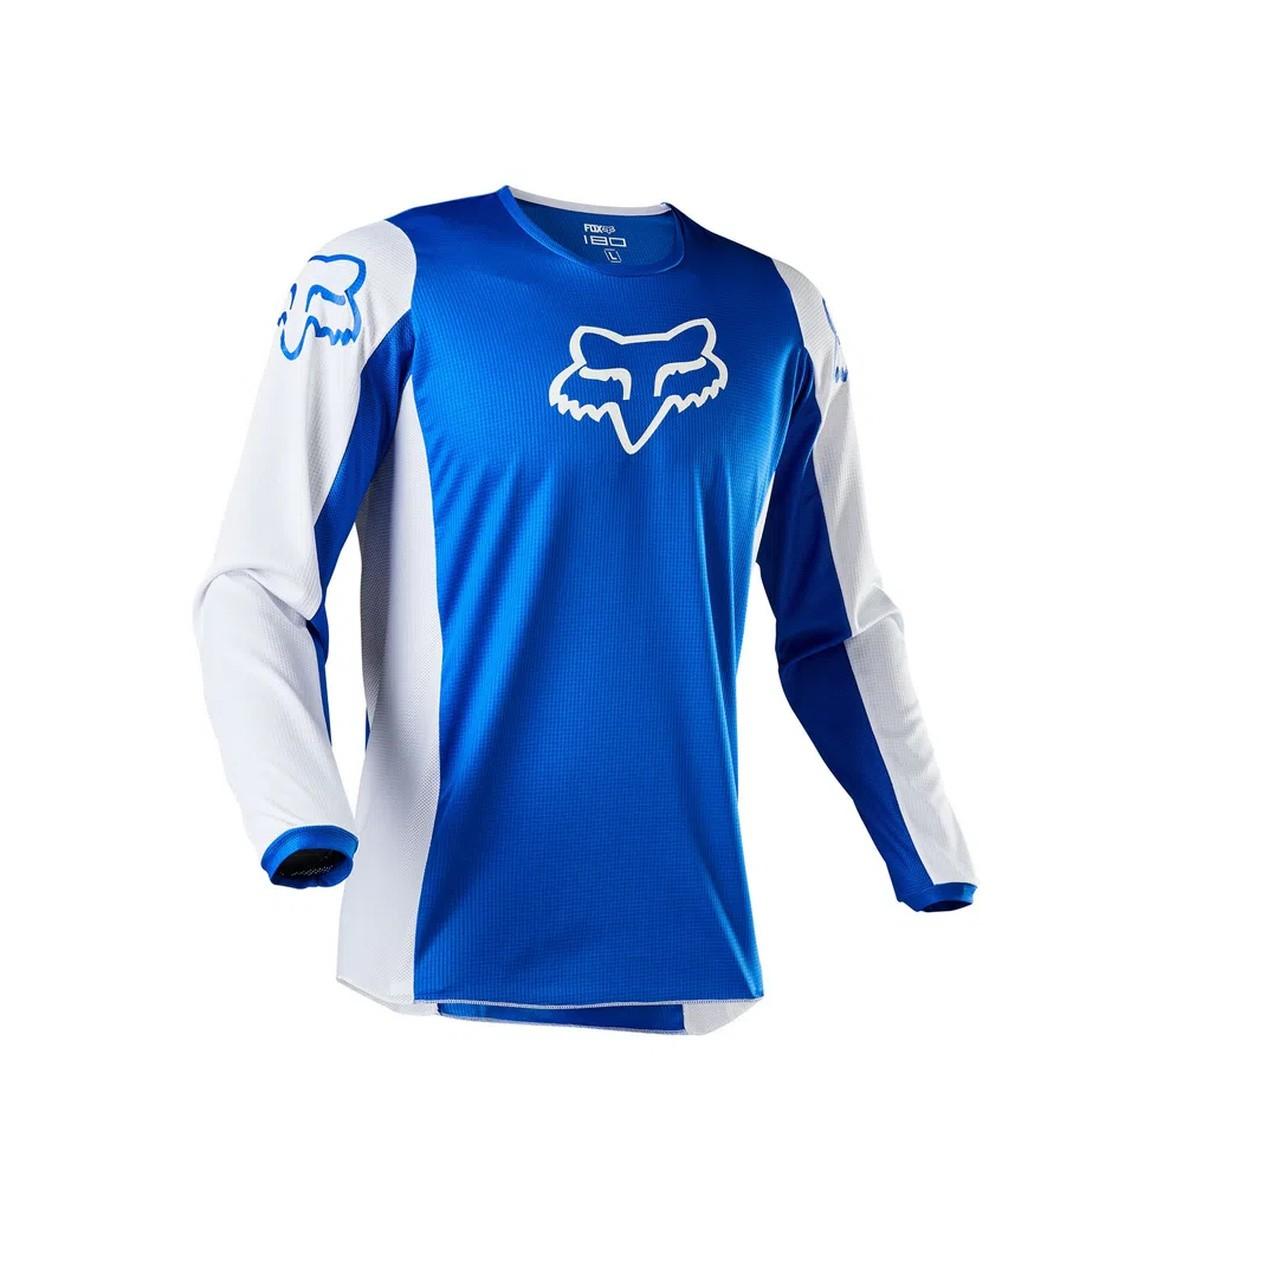 Kit Calça + Camisa FOX 180 Prix Azul